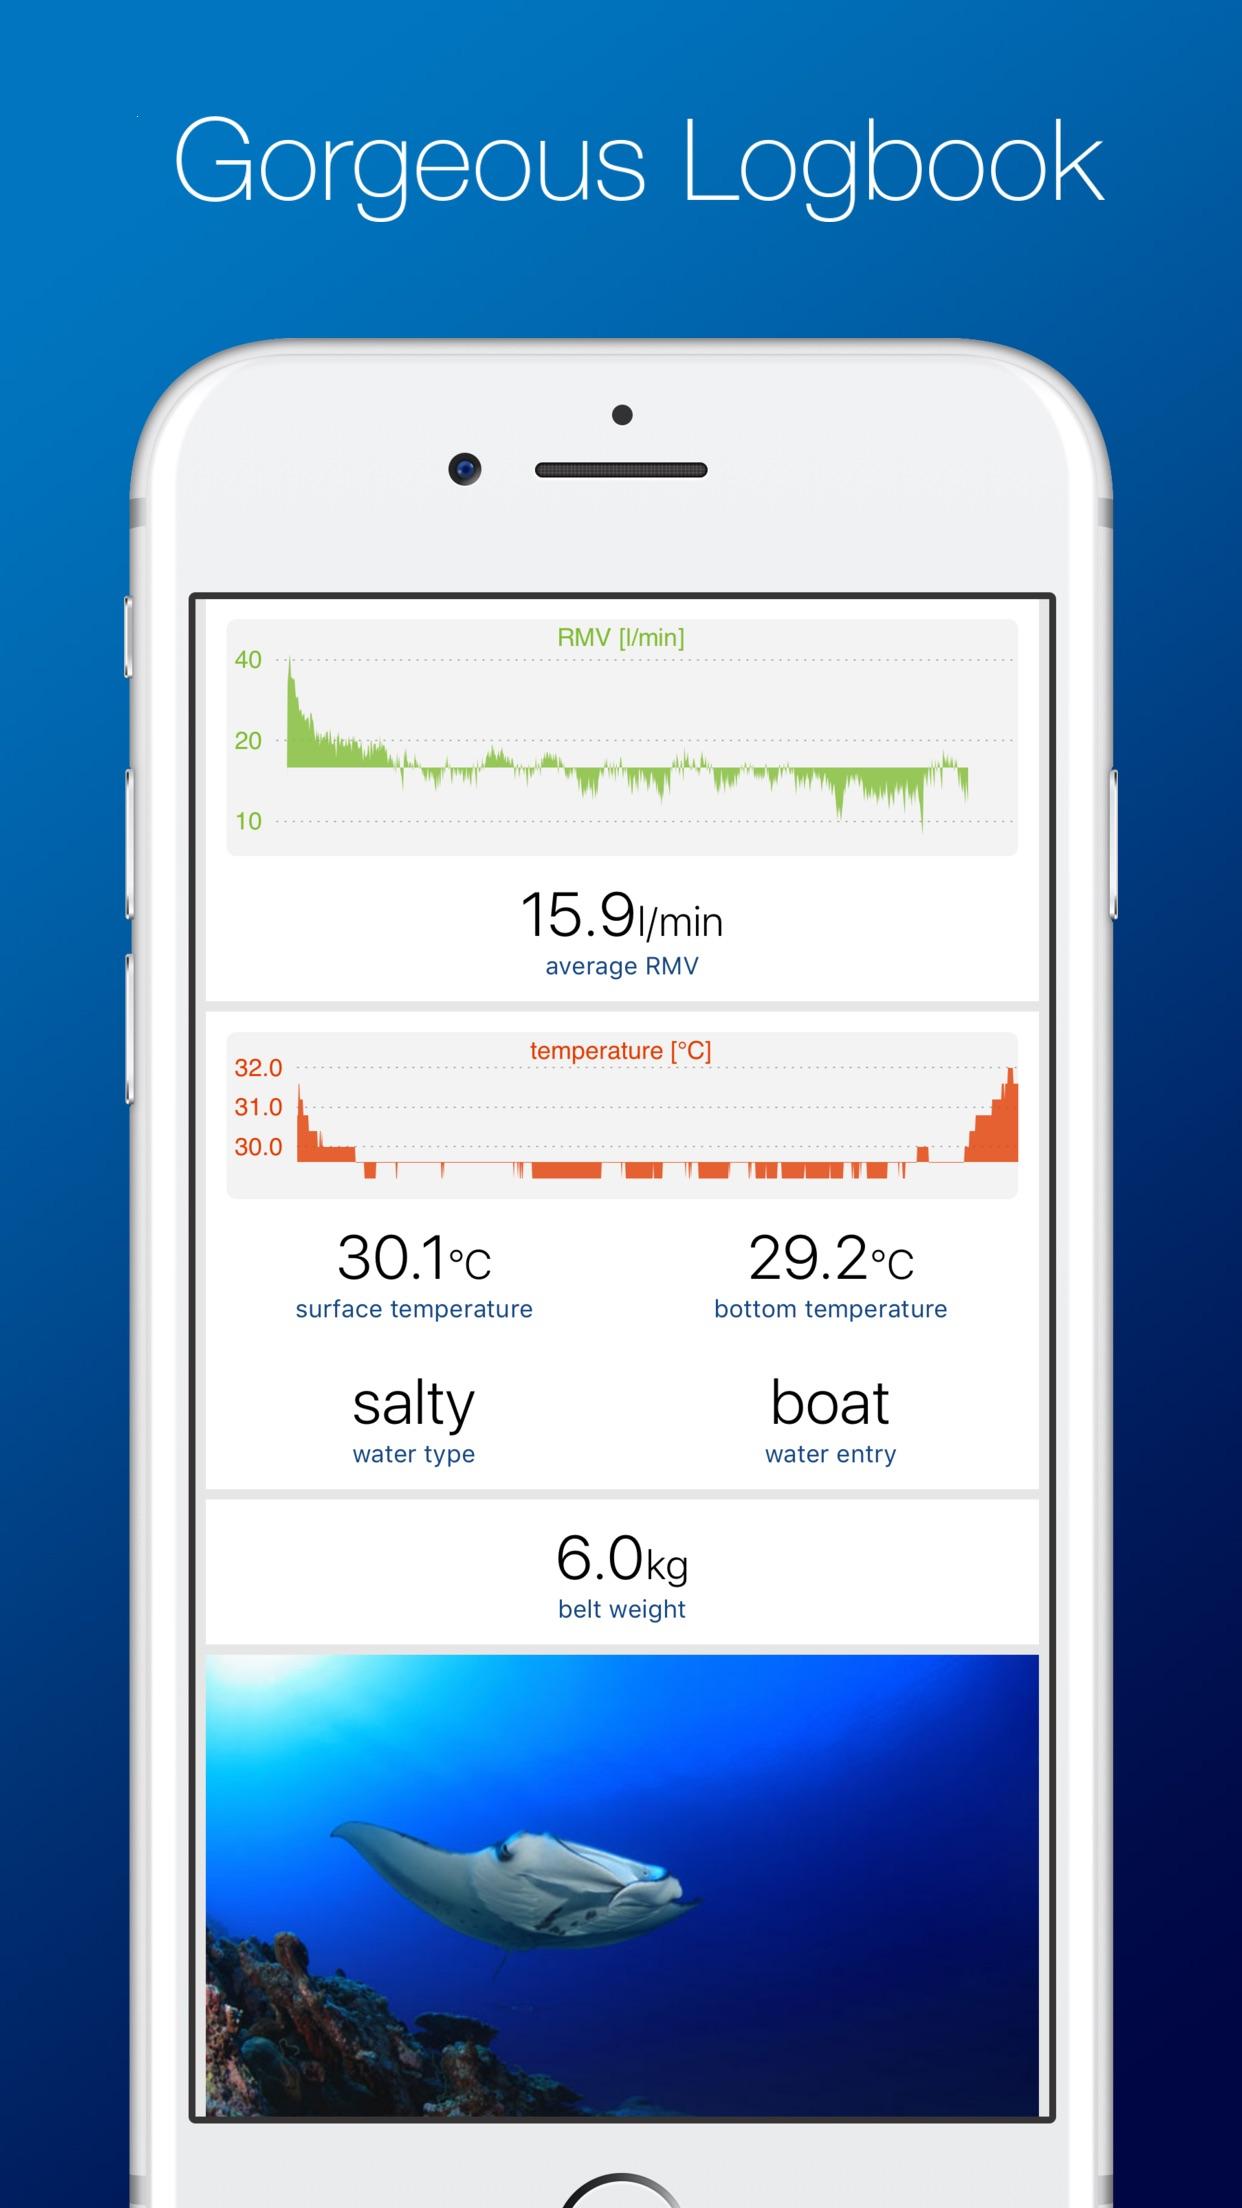 DiveMate - The Diving Logbook Screenshot